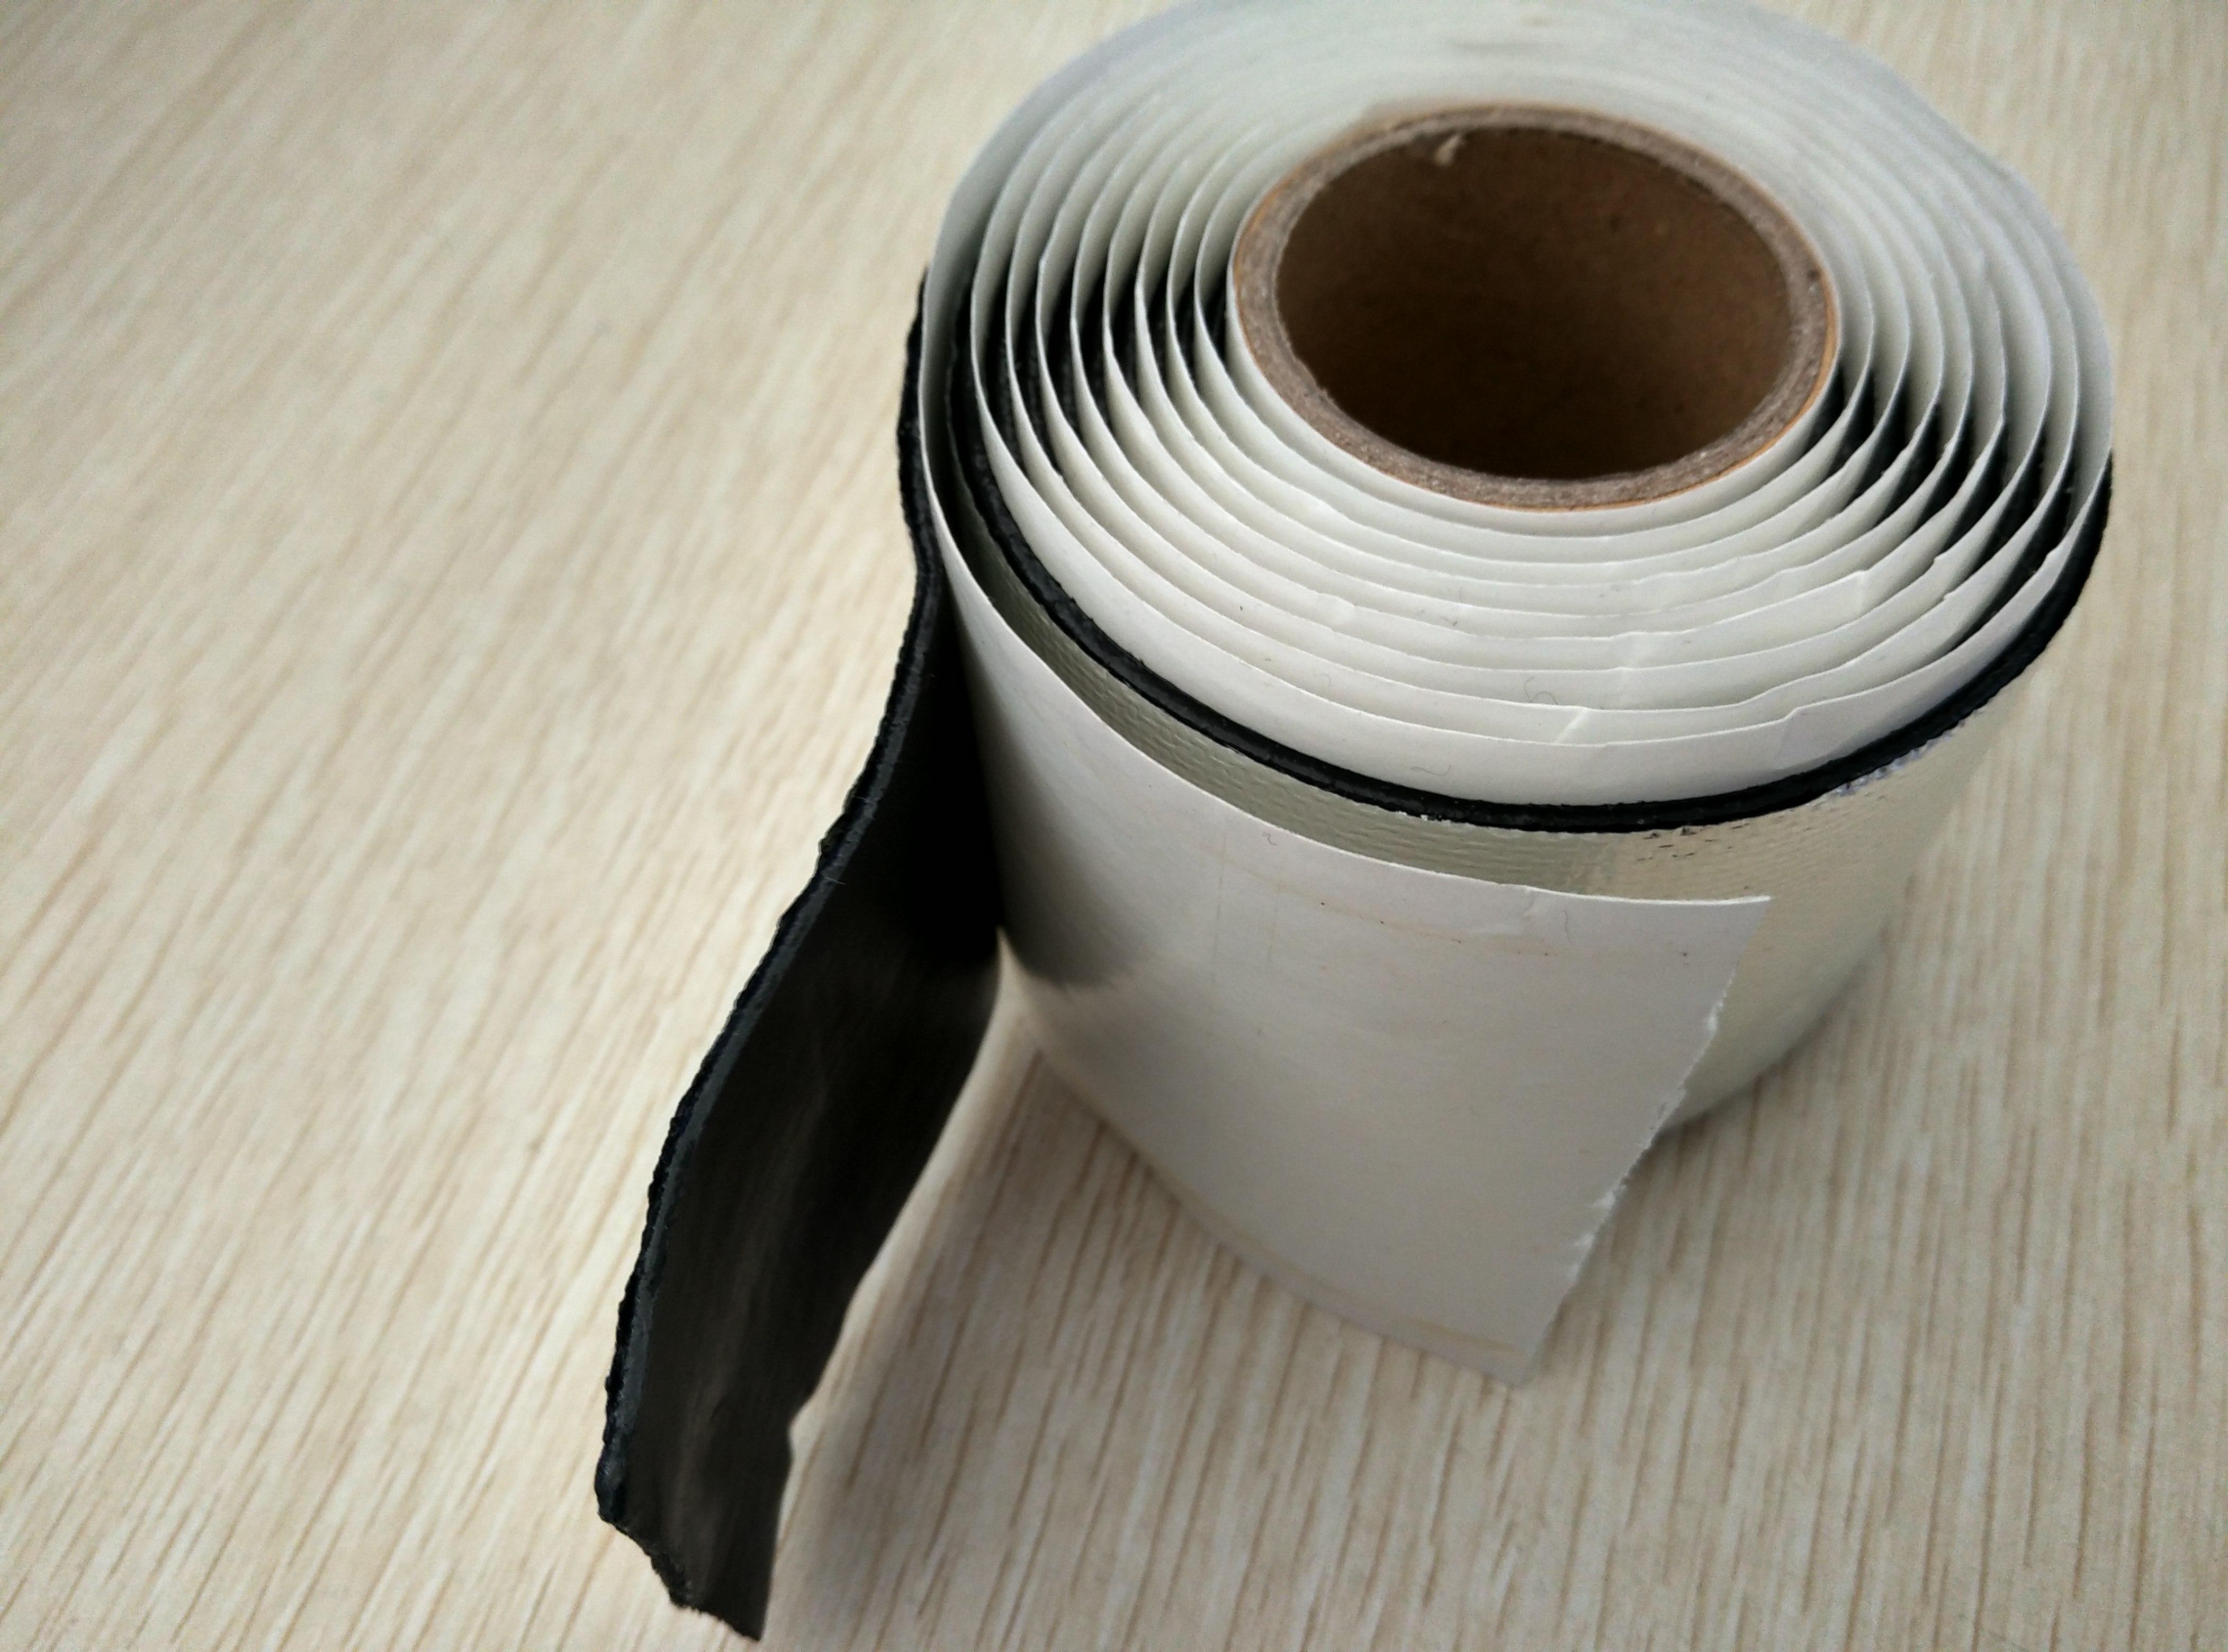 供应HB1519阻火胶带.保护电缆阻火胶带.遇火膨胀阻火胶带